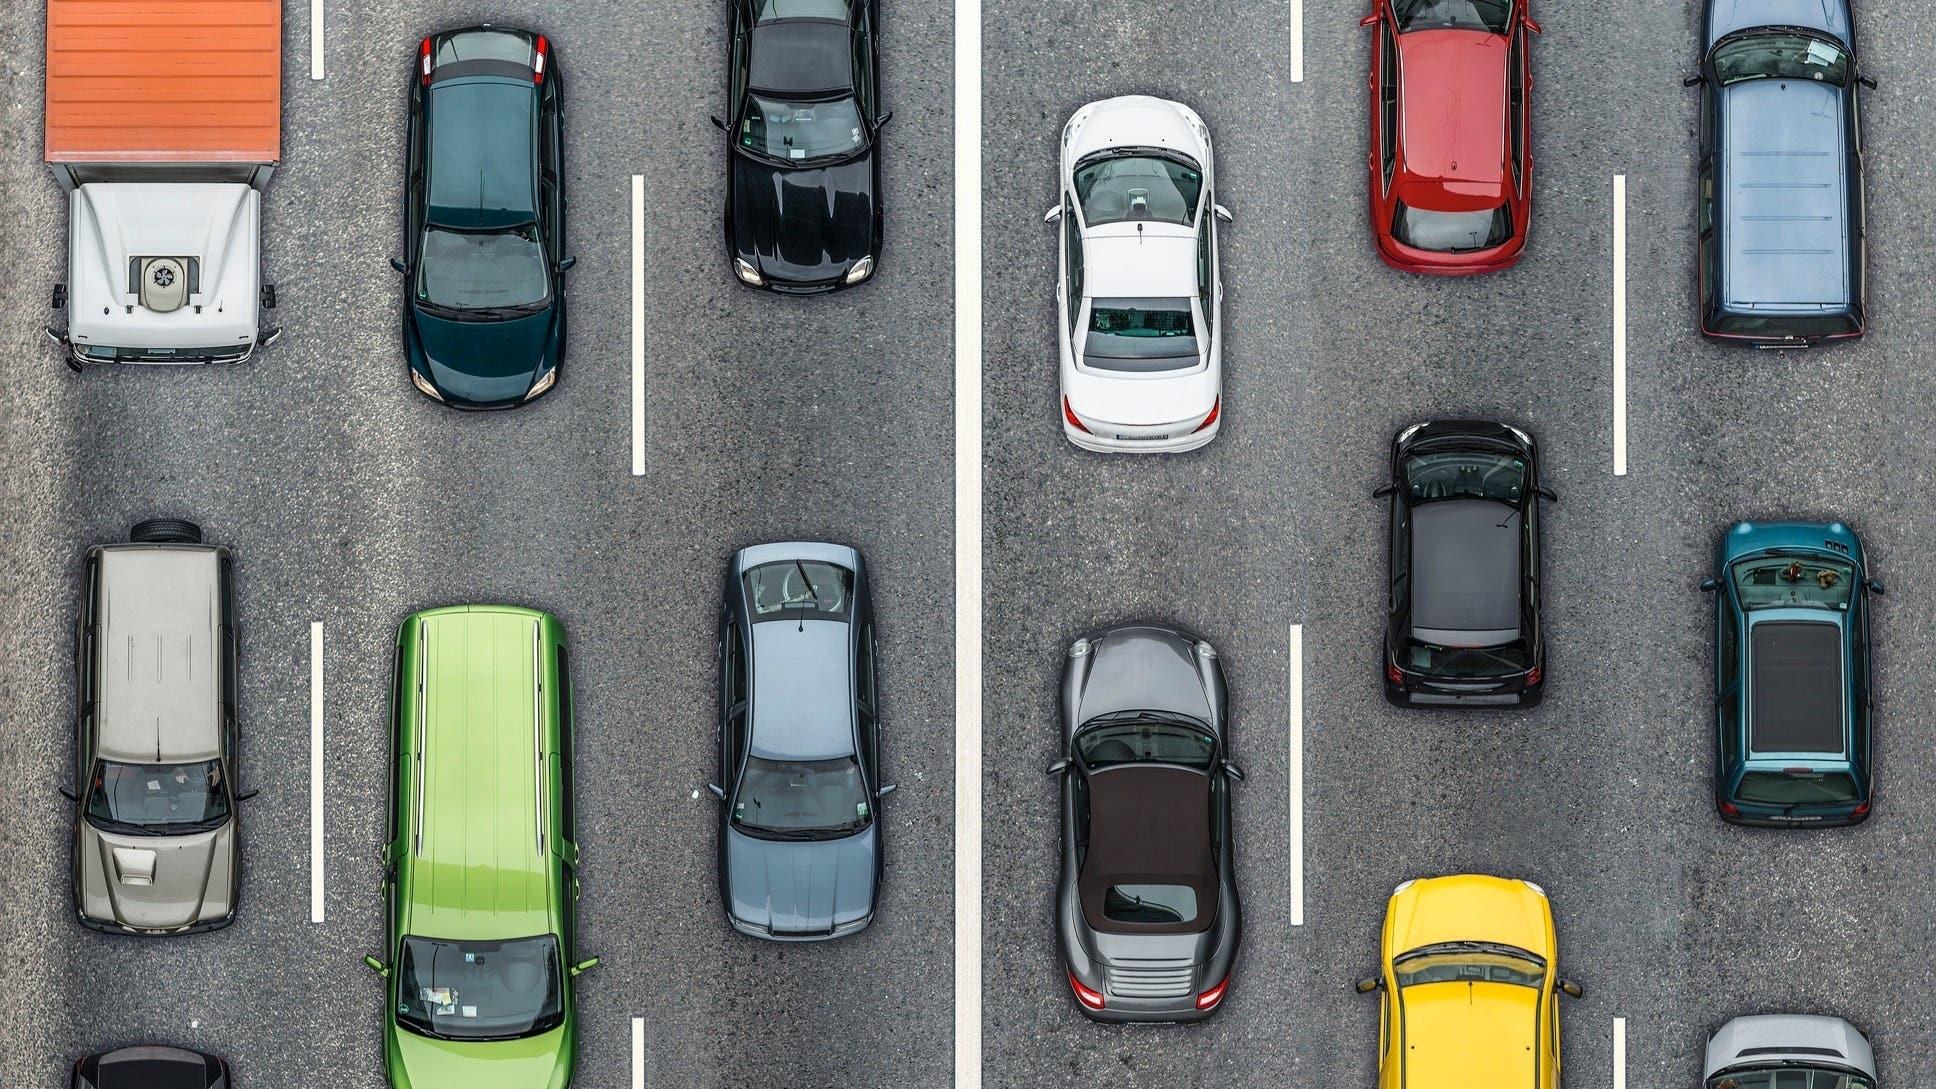 Análise de dados de tráfego